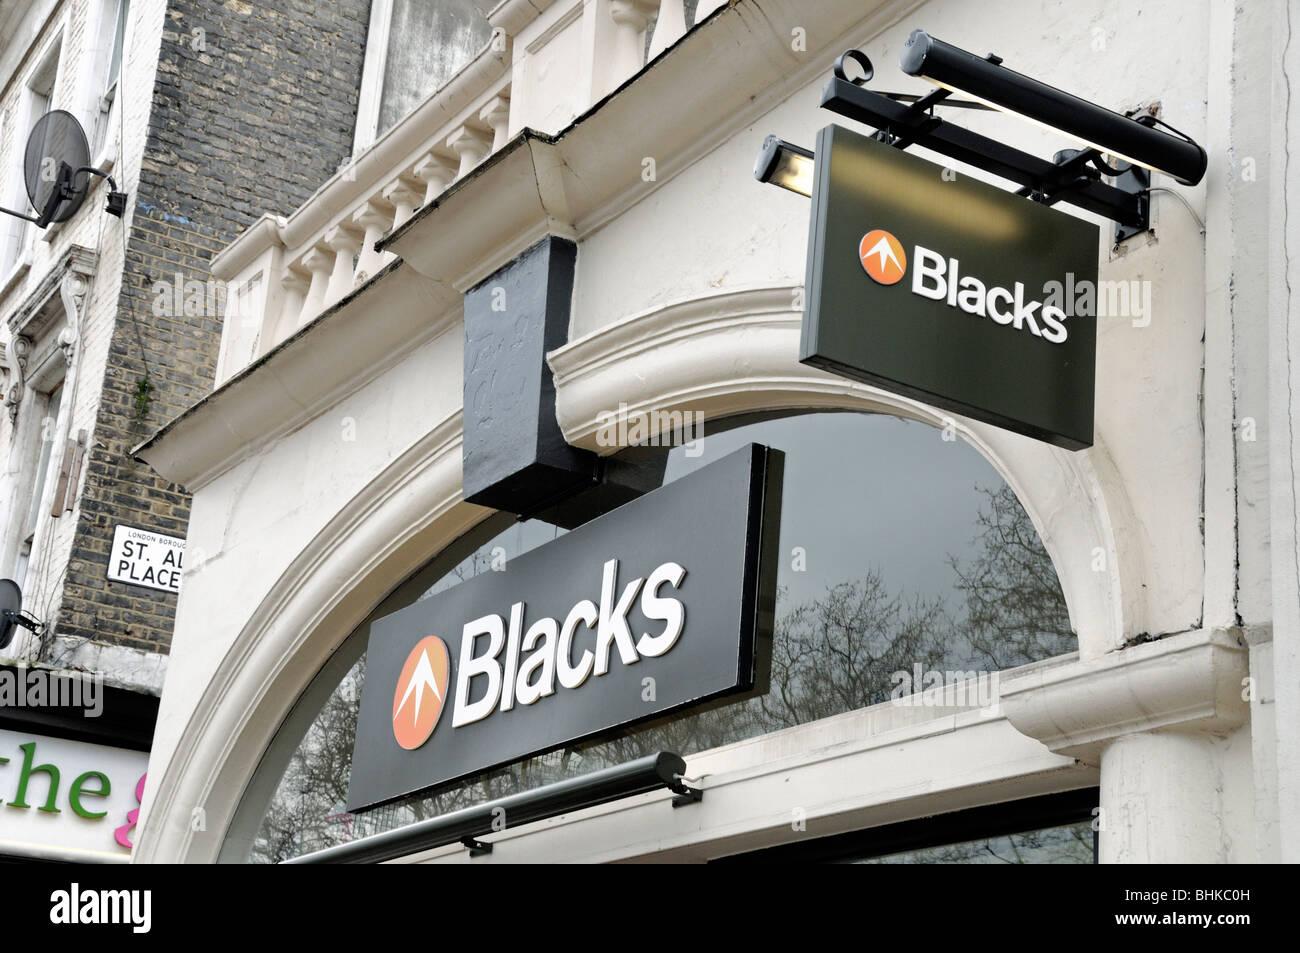 Los negros tienda de equipamiento exterior firmar Islington Londres England Reino Unido Imagen De Stock